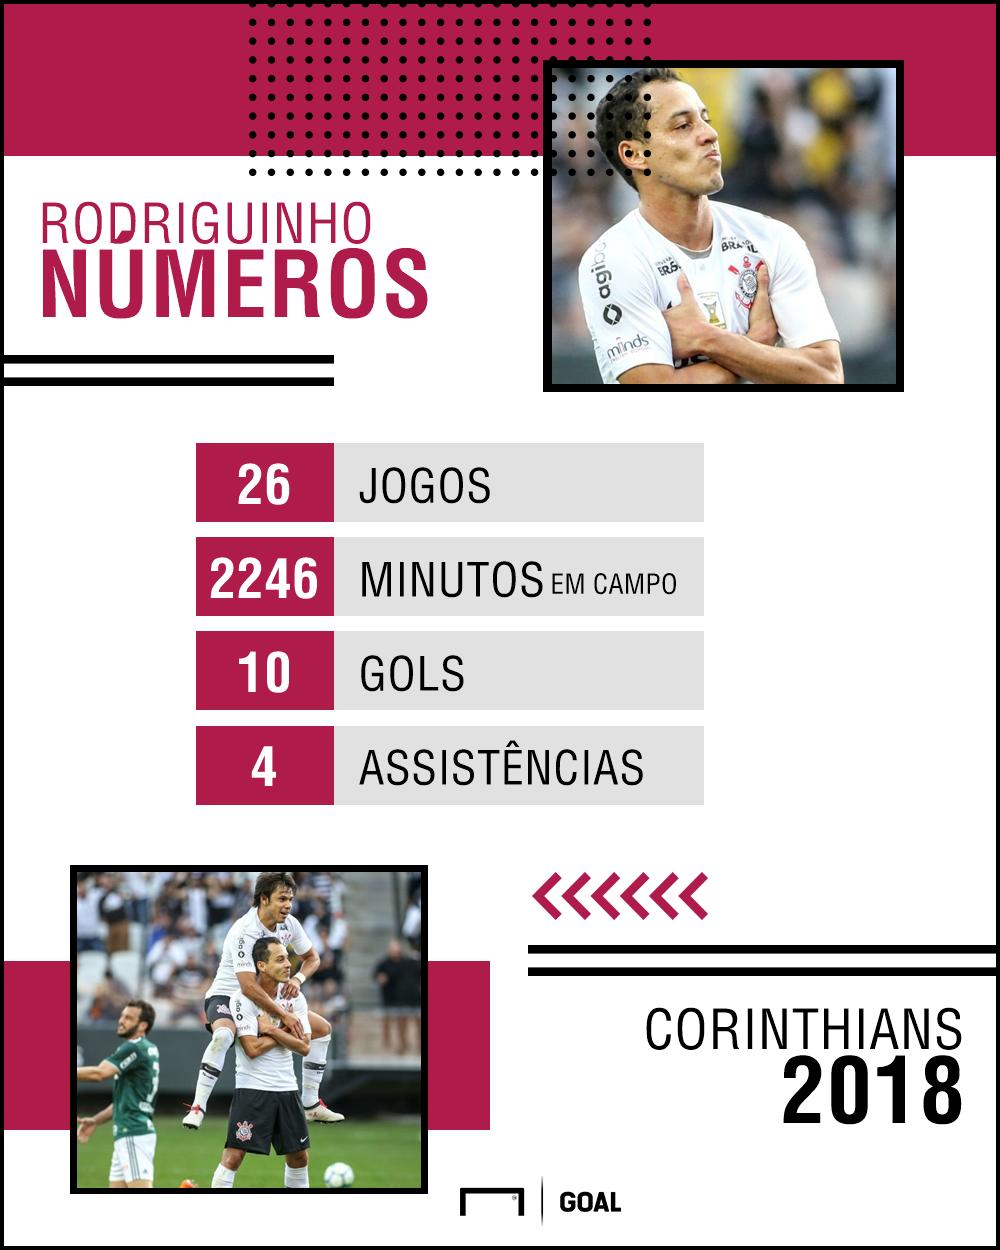 Rodriguinho PS - Corinthians - 13/05/2018